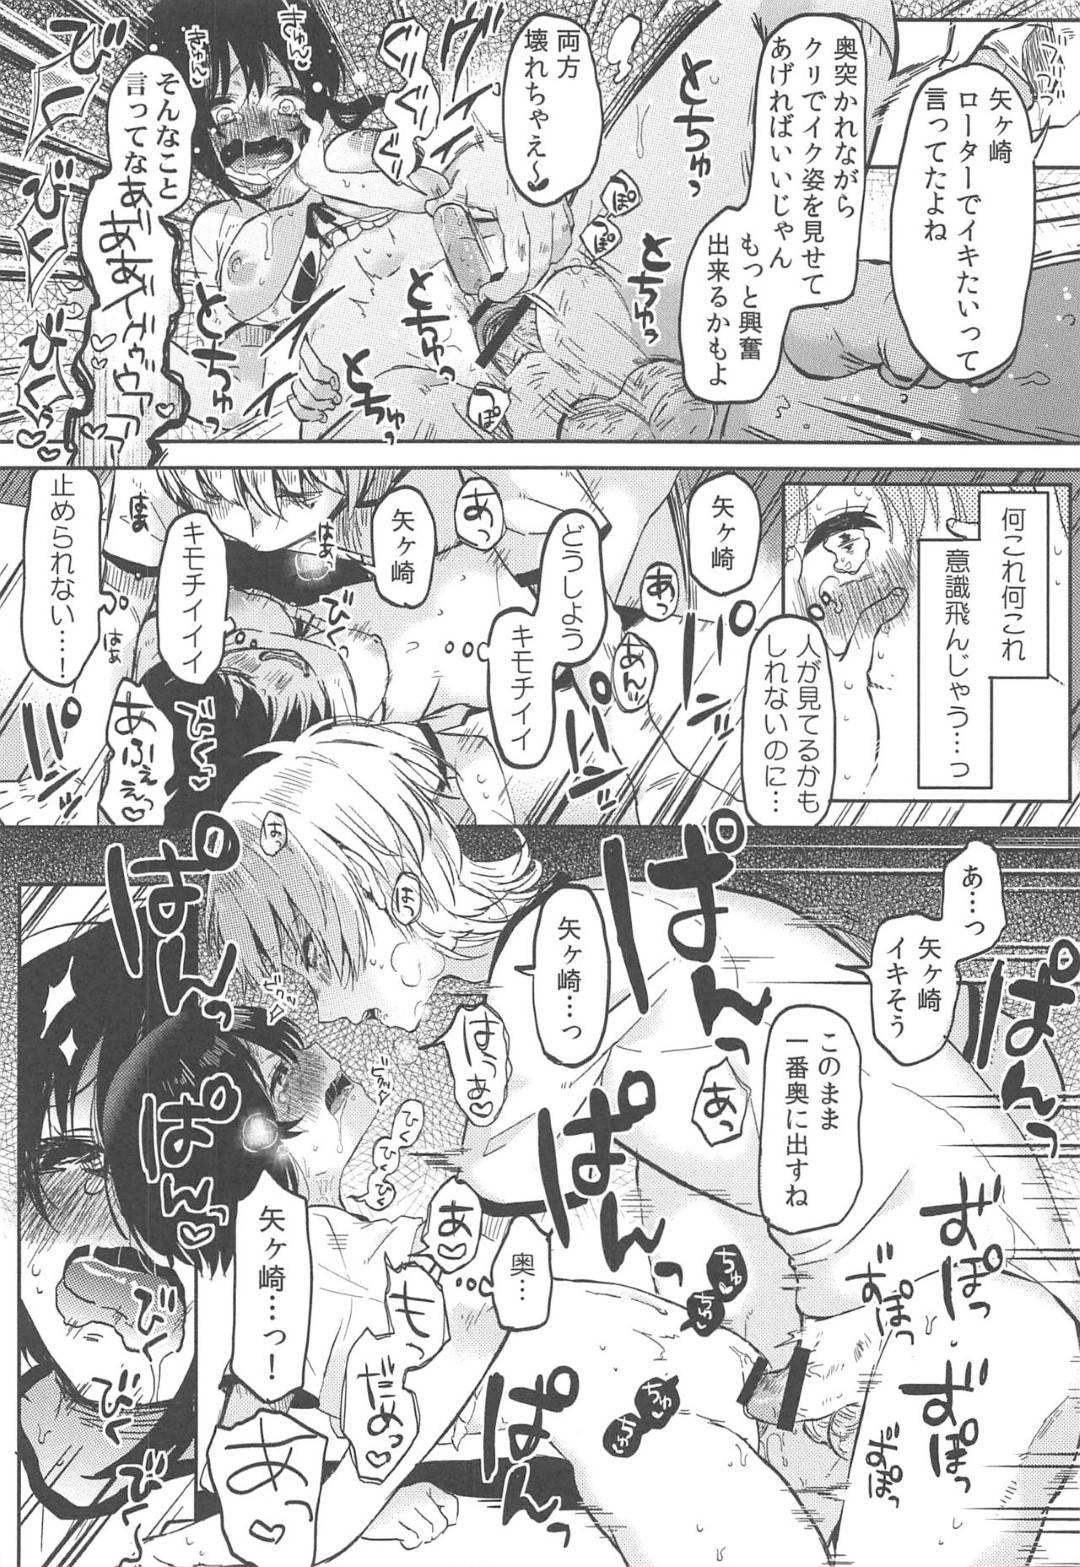 【エロ漫画】林間学校中の前夜自分を犯した男子にローター調教される女子…好きな男子の前でイッてしまい生ハメ中出し調教レイプで寝取られアクメしまくる【めぬ。:調教彼女 第2話】